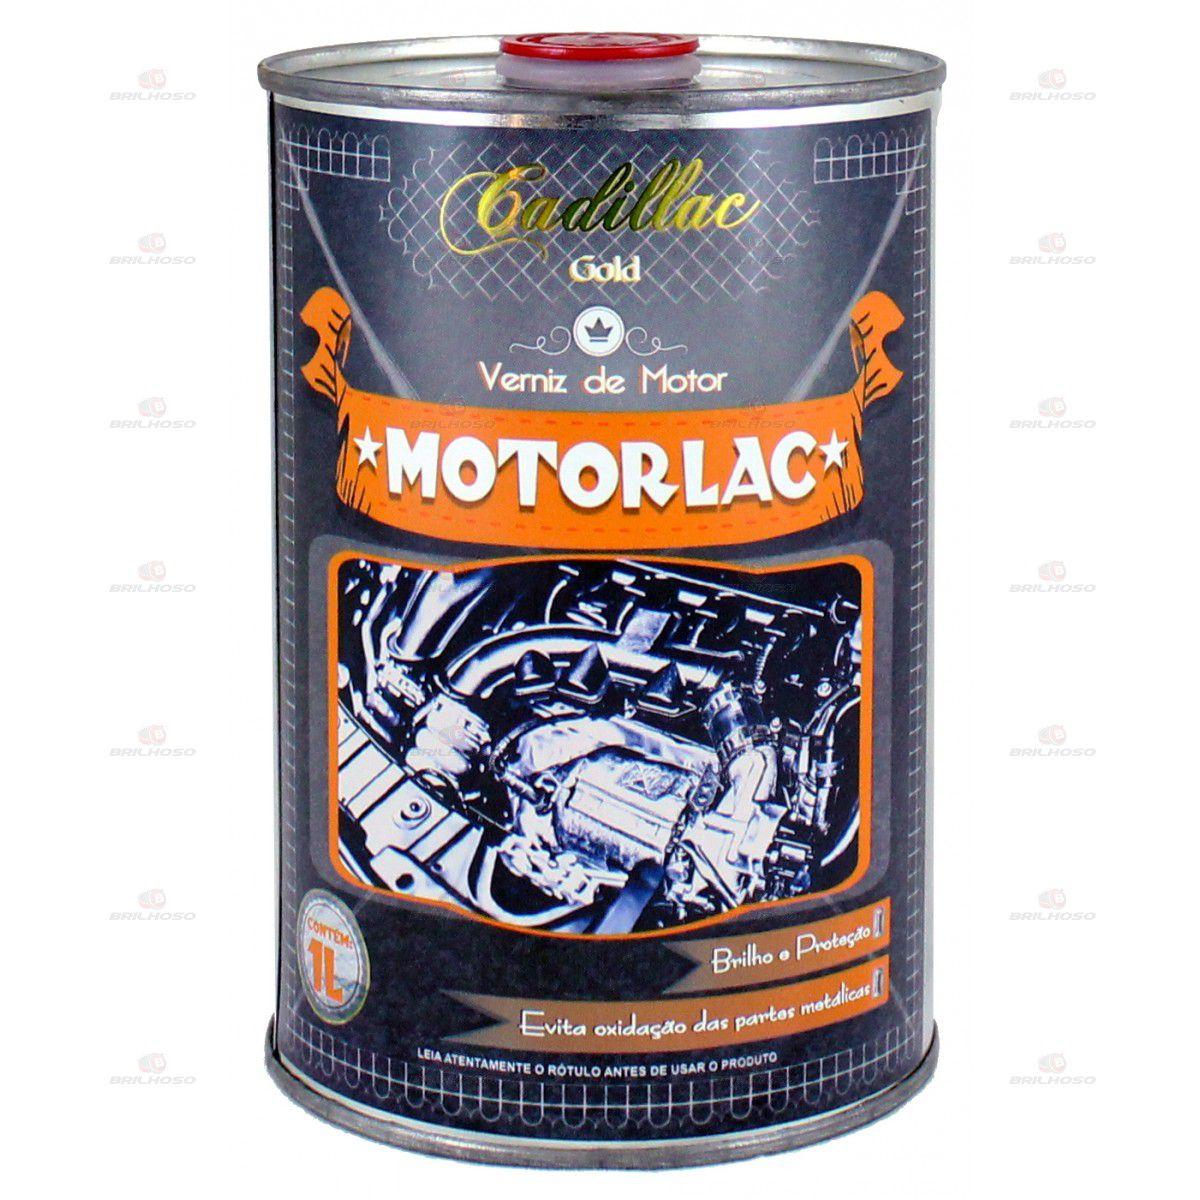 Cadillac Motorlac Verniz de Motor 1 litro  - Loja Go Eco Wash